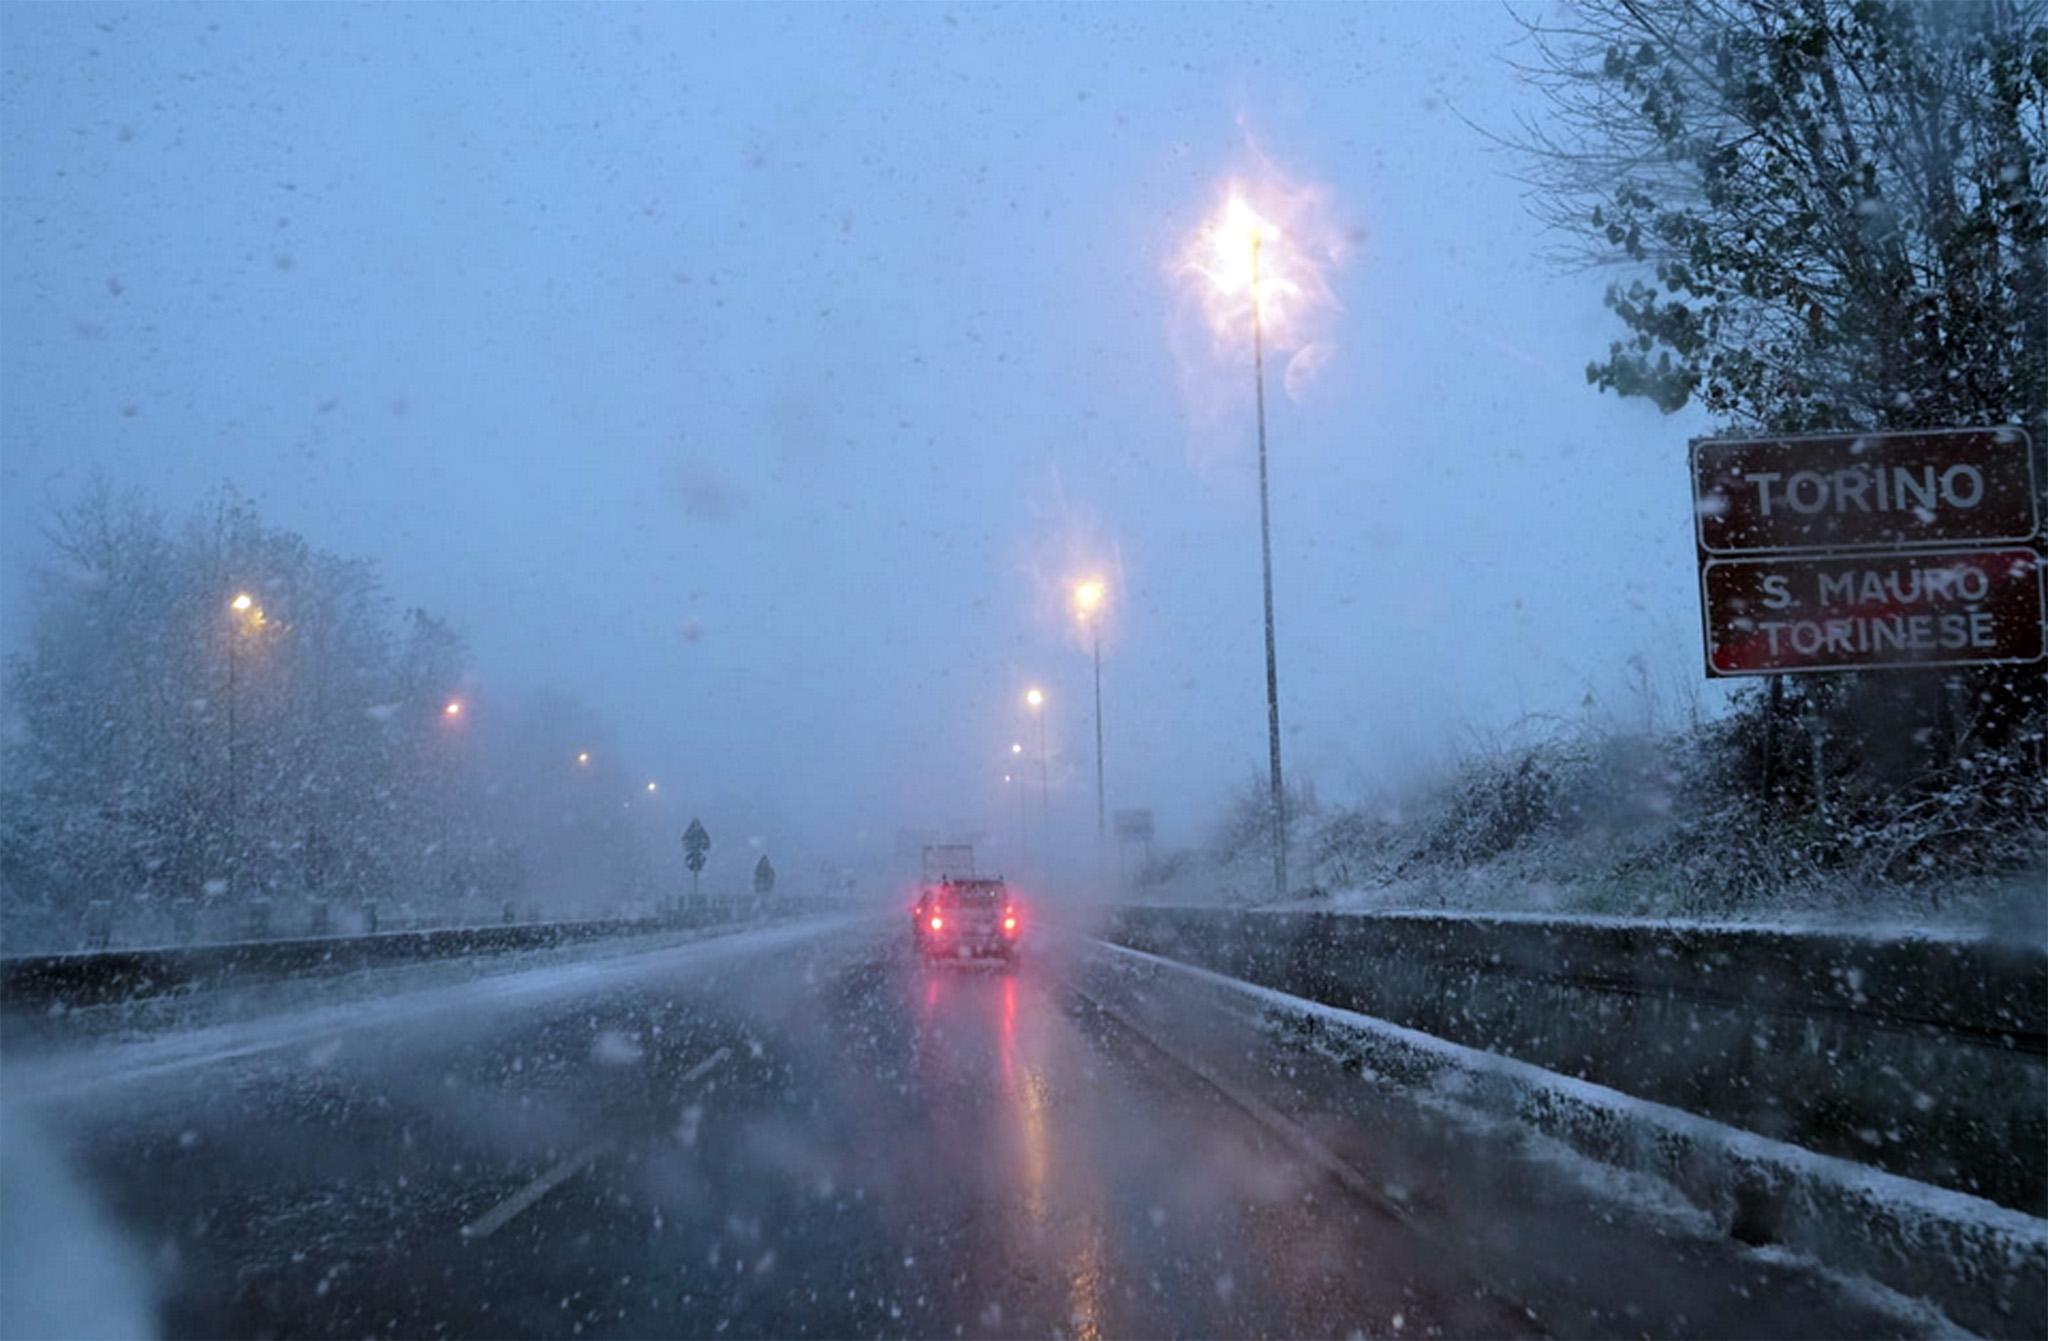 Una strada di Torino dove c'è scarsa visibilità a causa della neve mista a pioggia